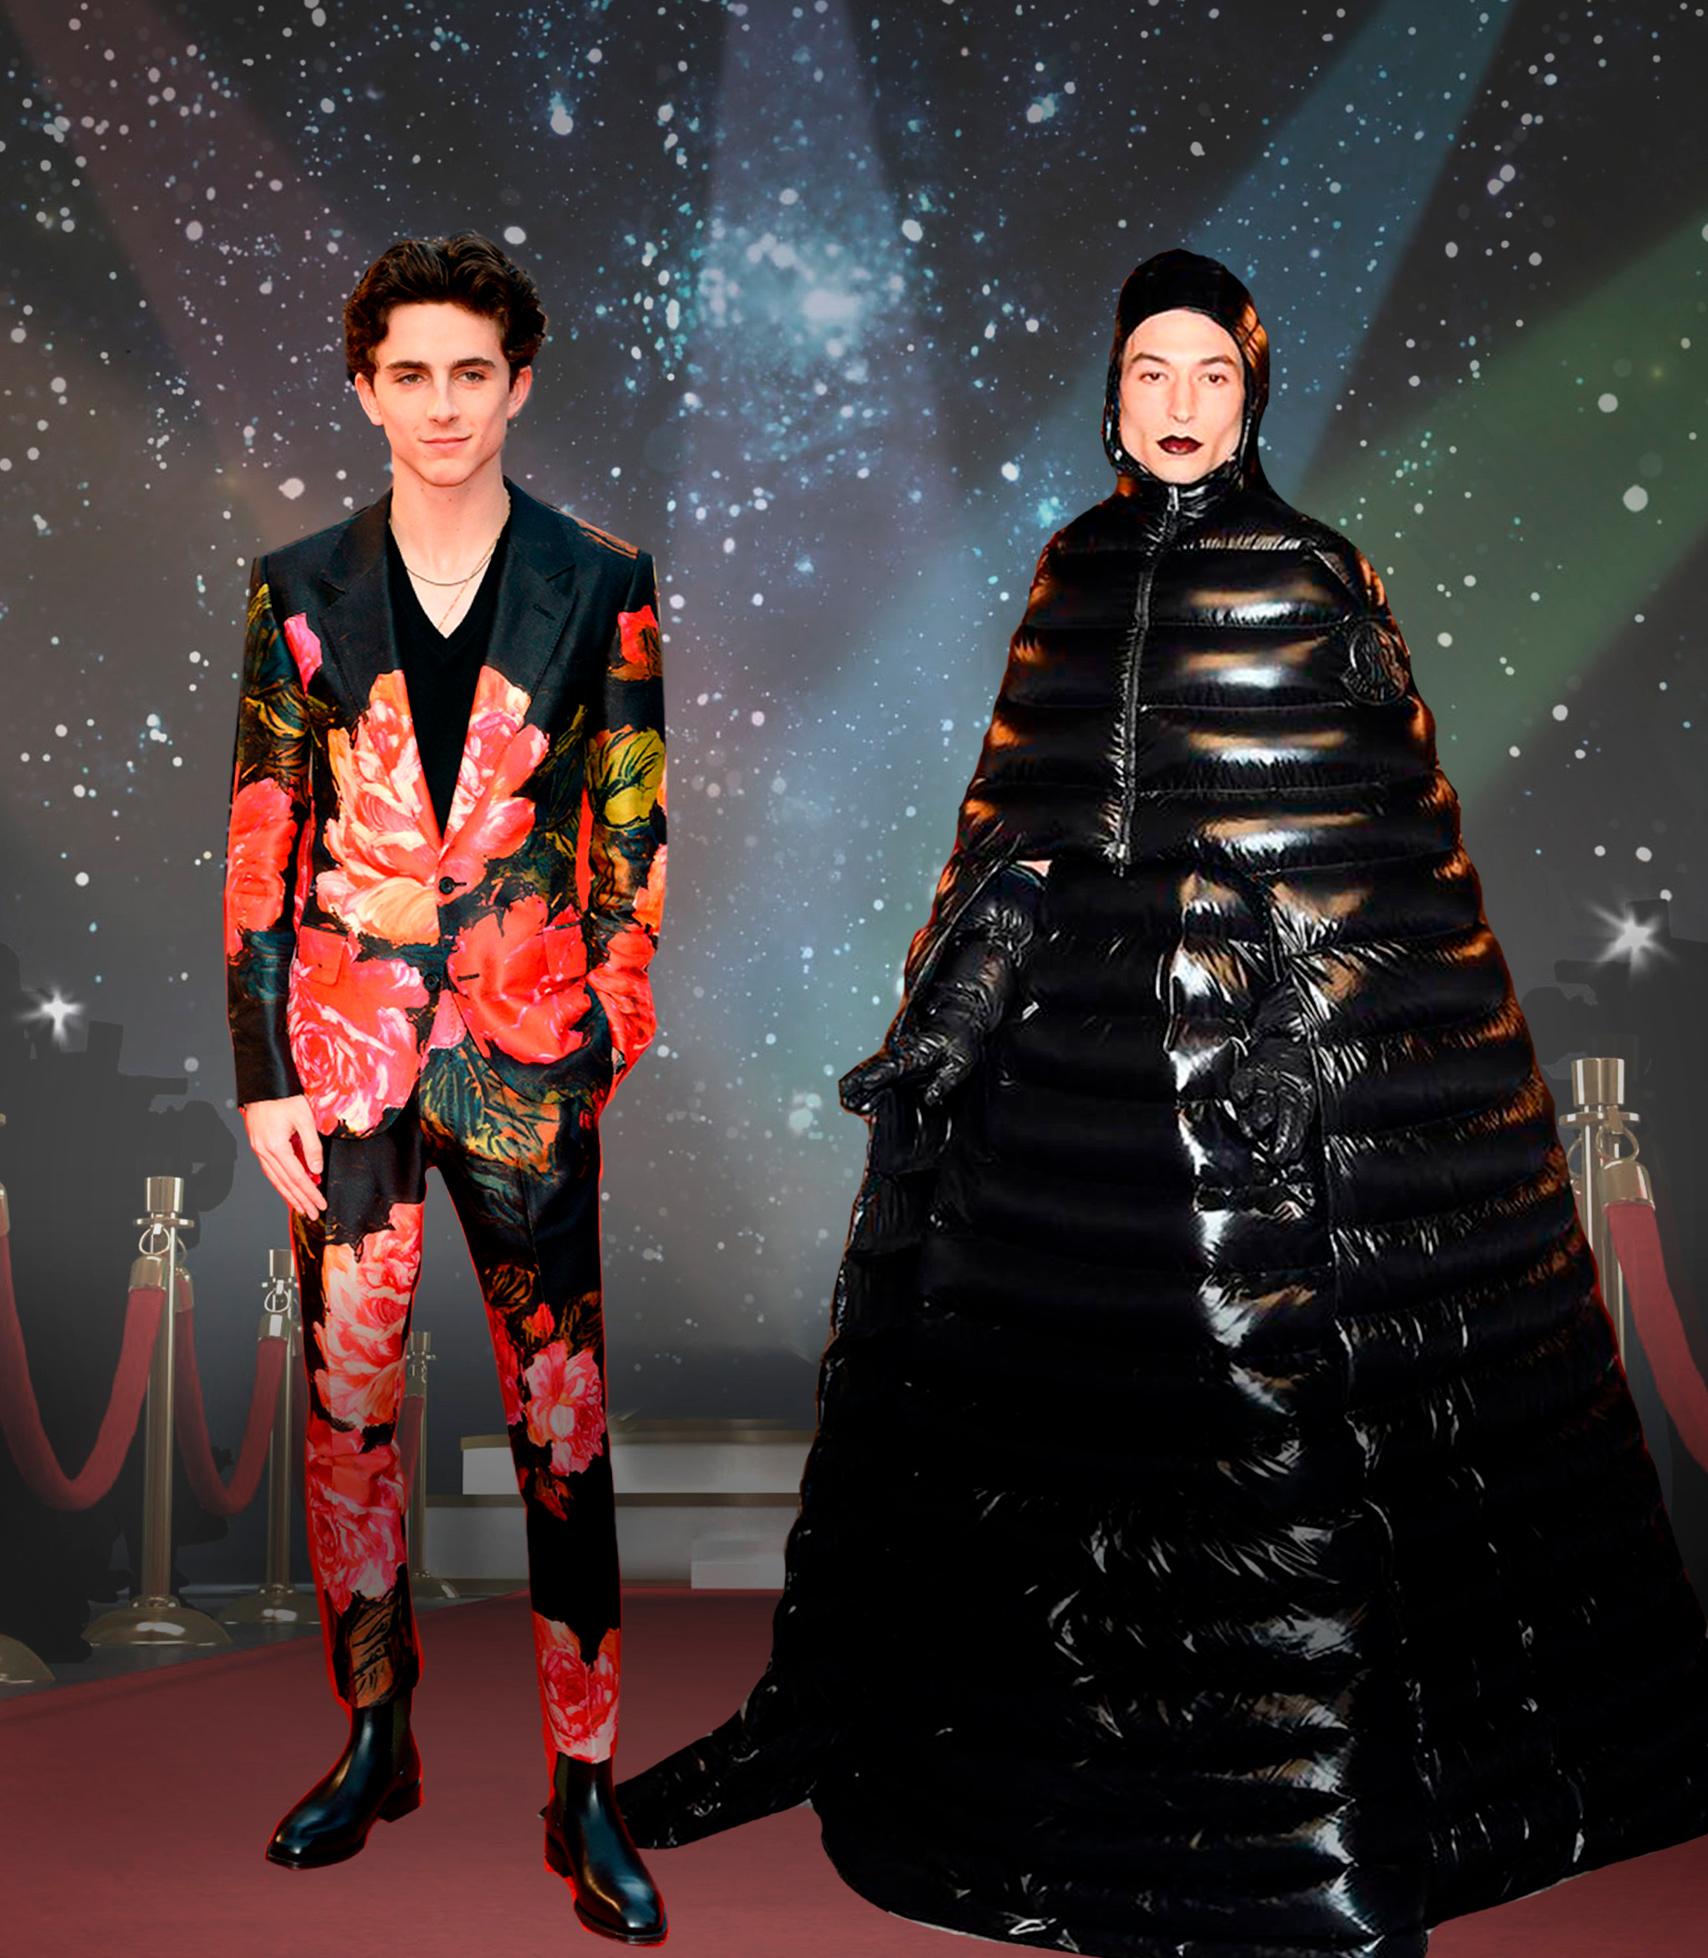 Seminario de Fashion Police, Red Carpet & Fashion Show (Crítico de Moda)